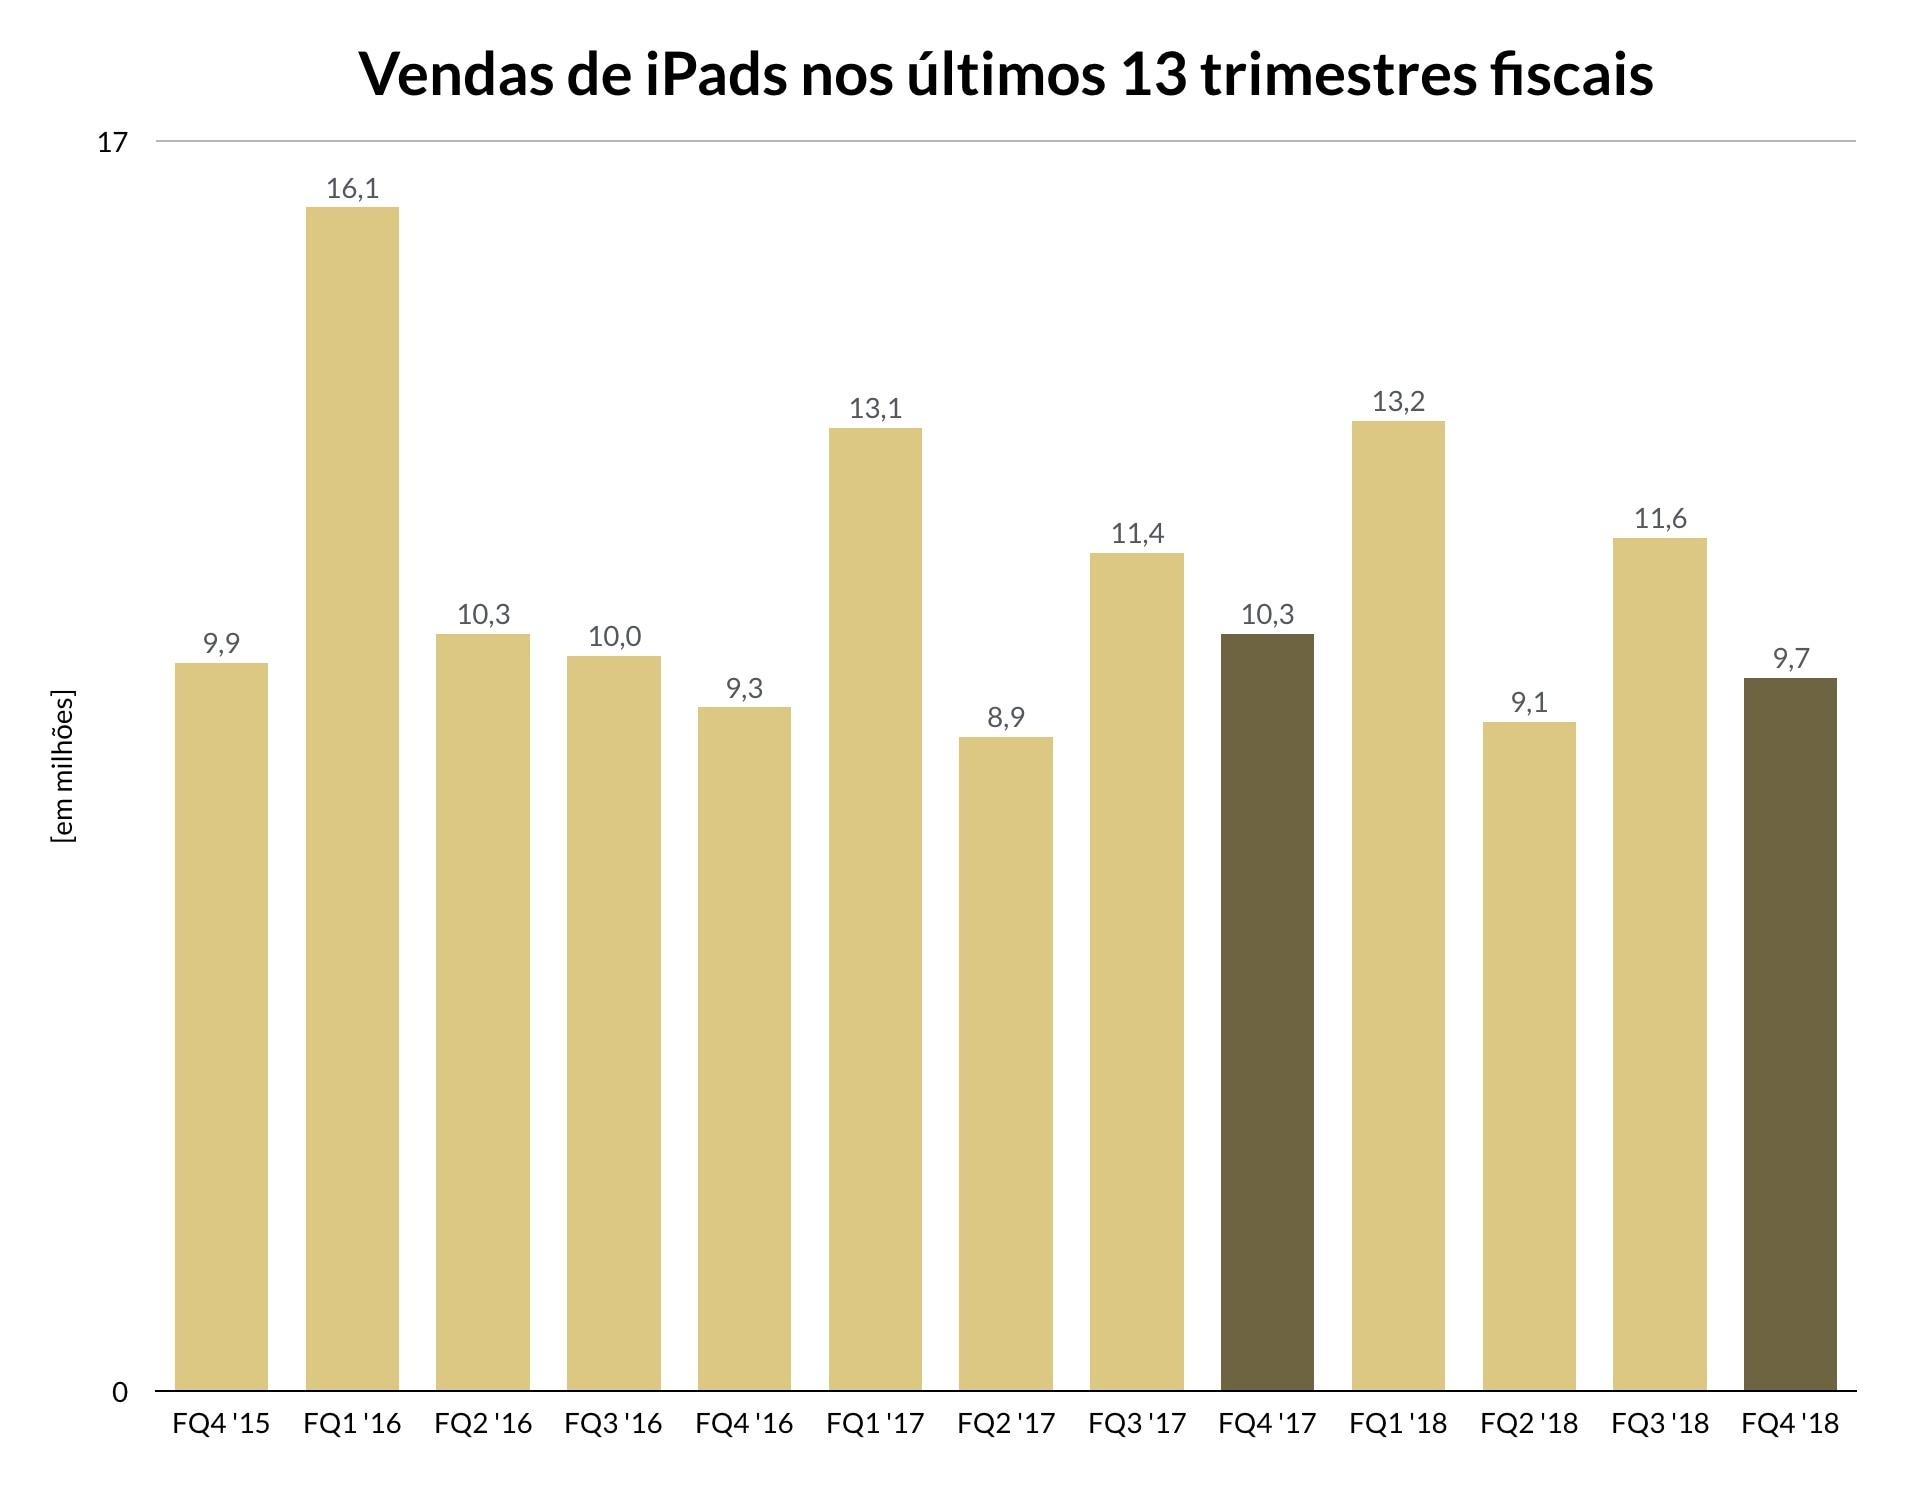 Gráfico do quarto trimestre fiscal de 2018 da Apple